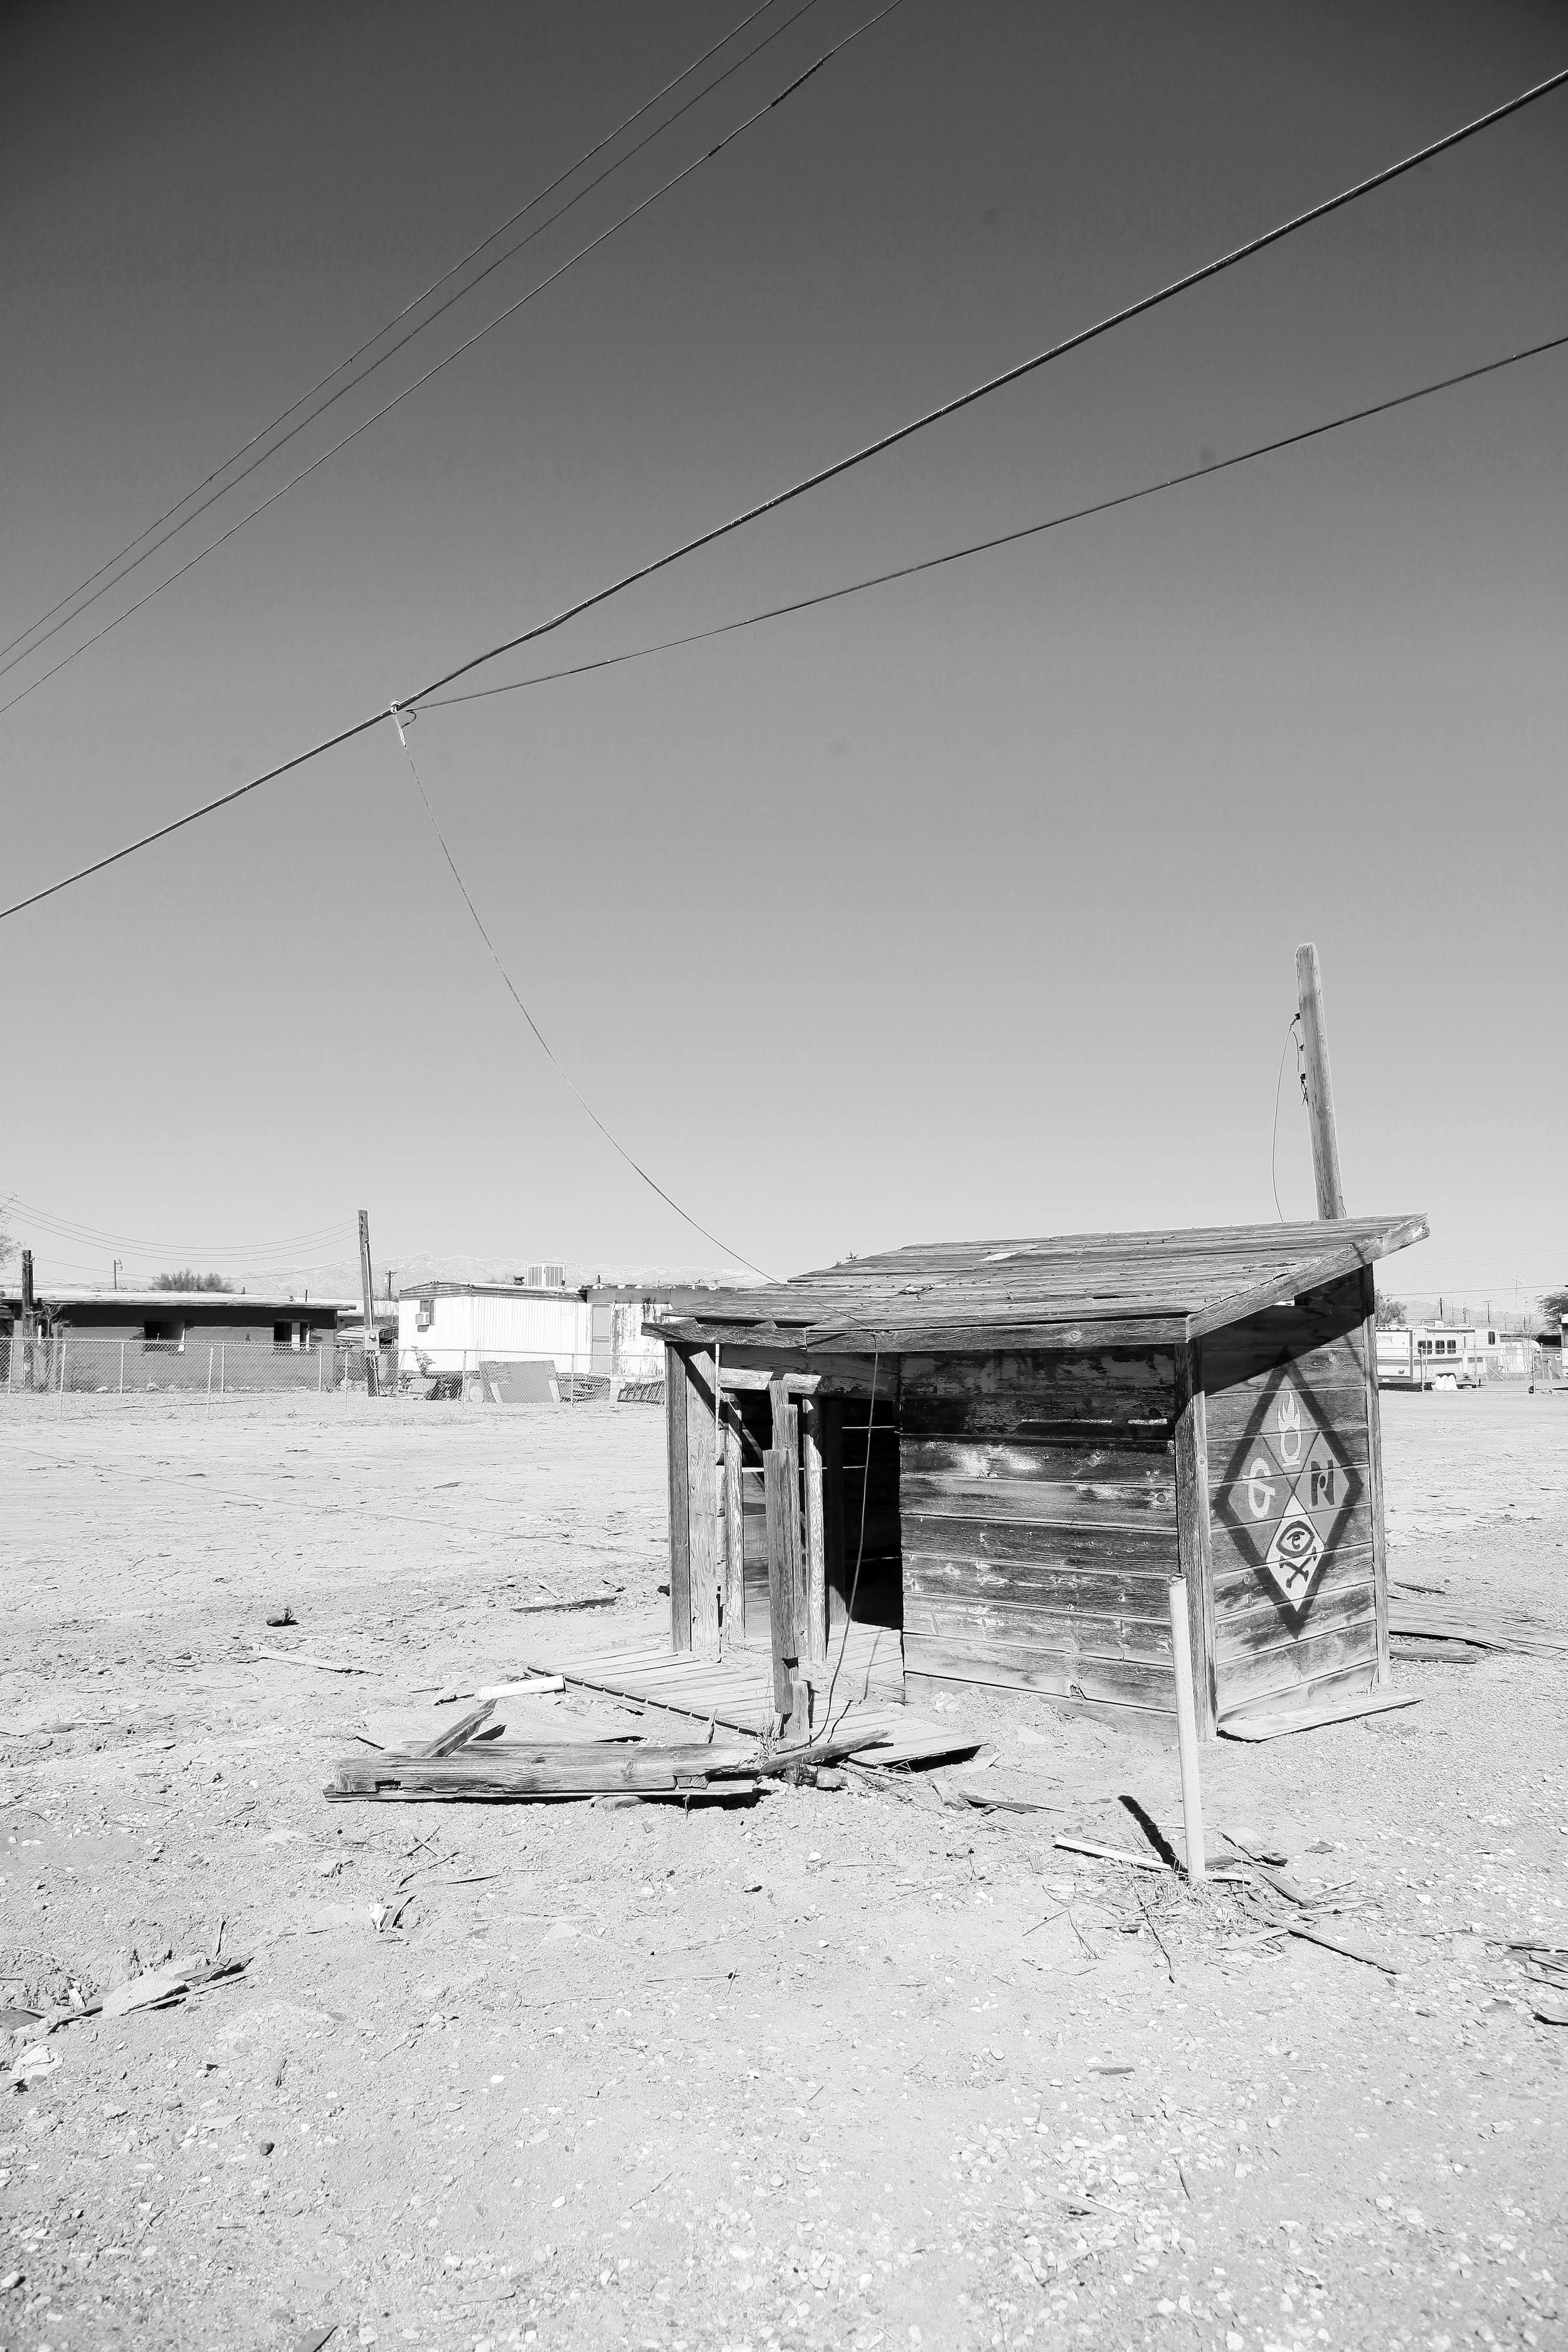 Salton_Sea_06.jpg